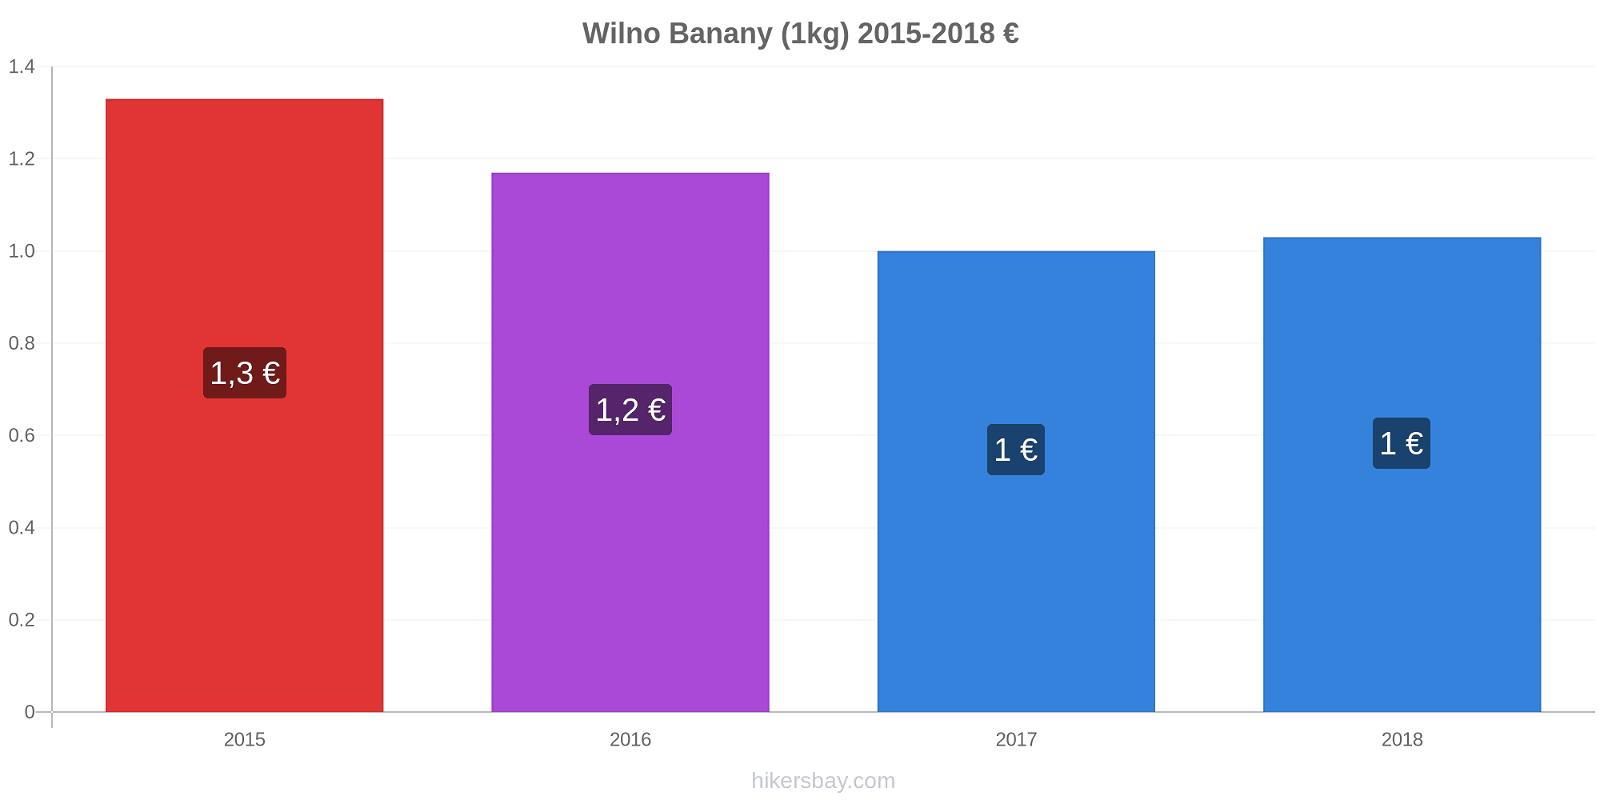 Wilno zmiany cen Banany (1kg) hikersbay.com